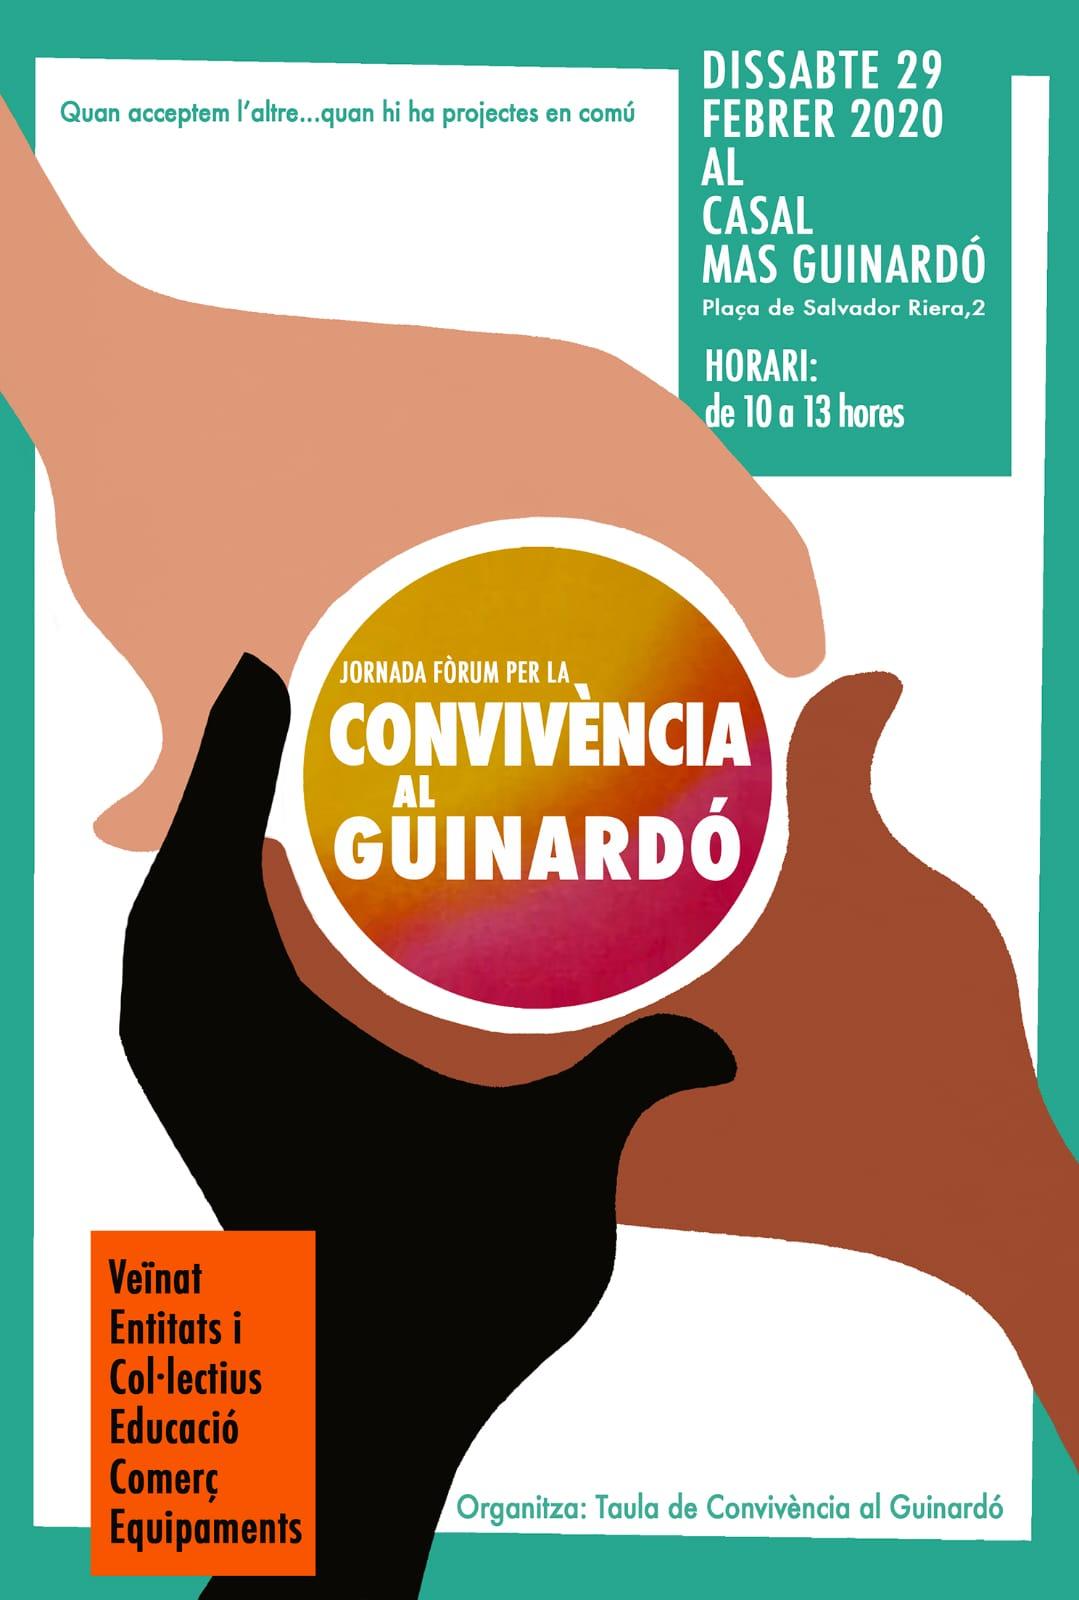 Jornada Fòrum per la Convivència al Guinardó